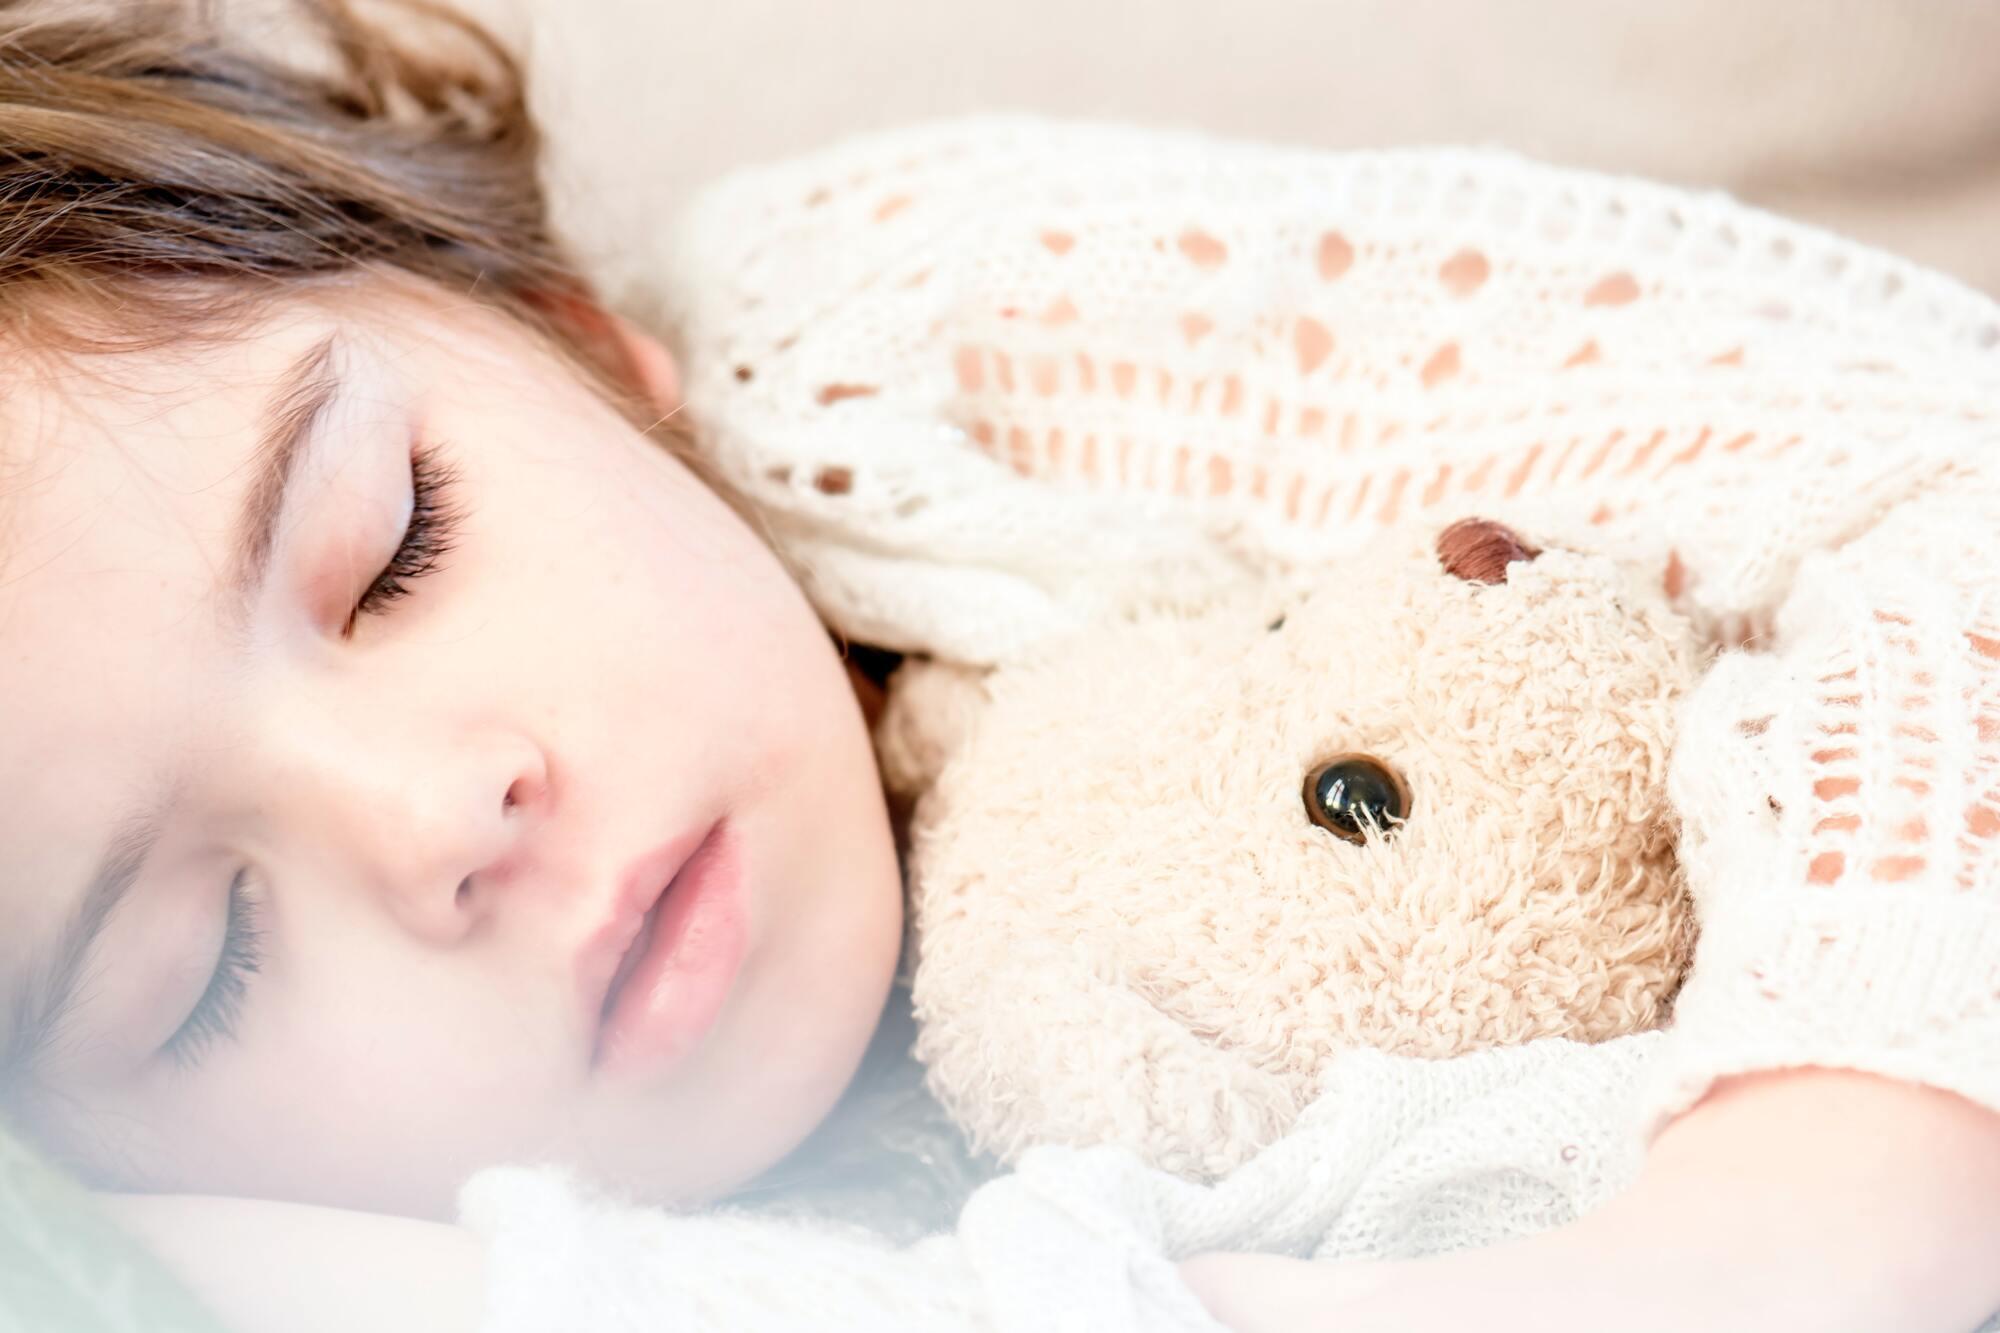 Дневные часы сна важны для правильного развития детей.